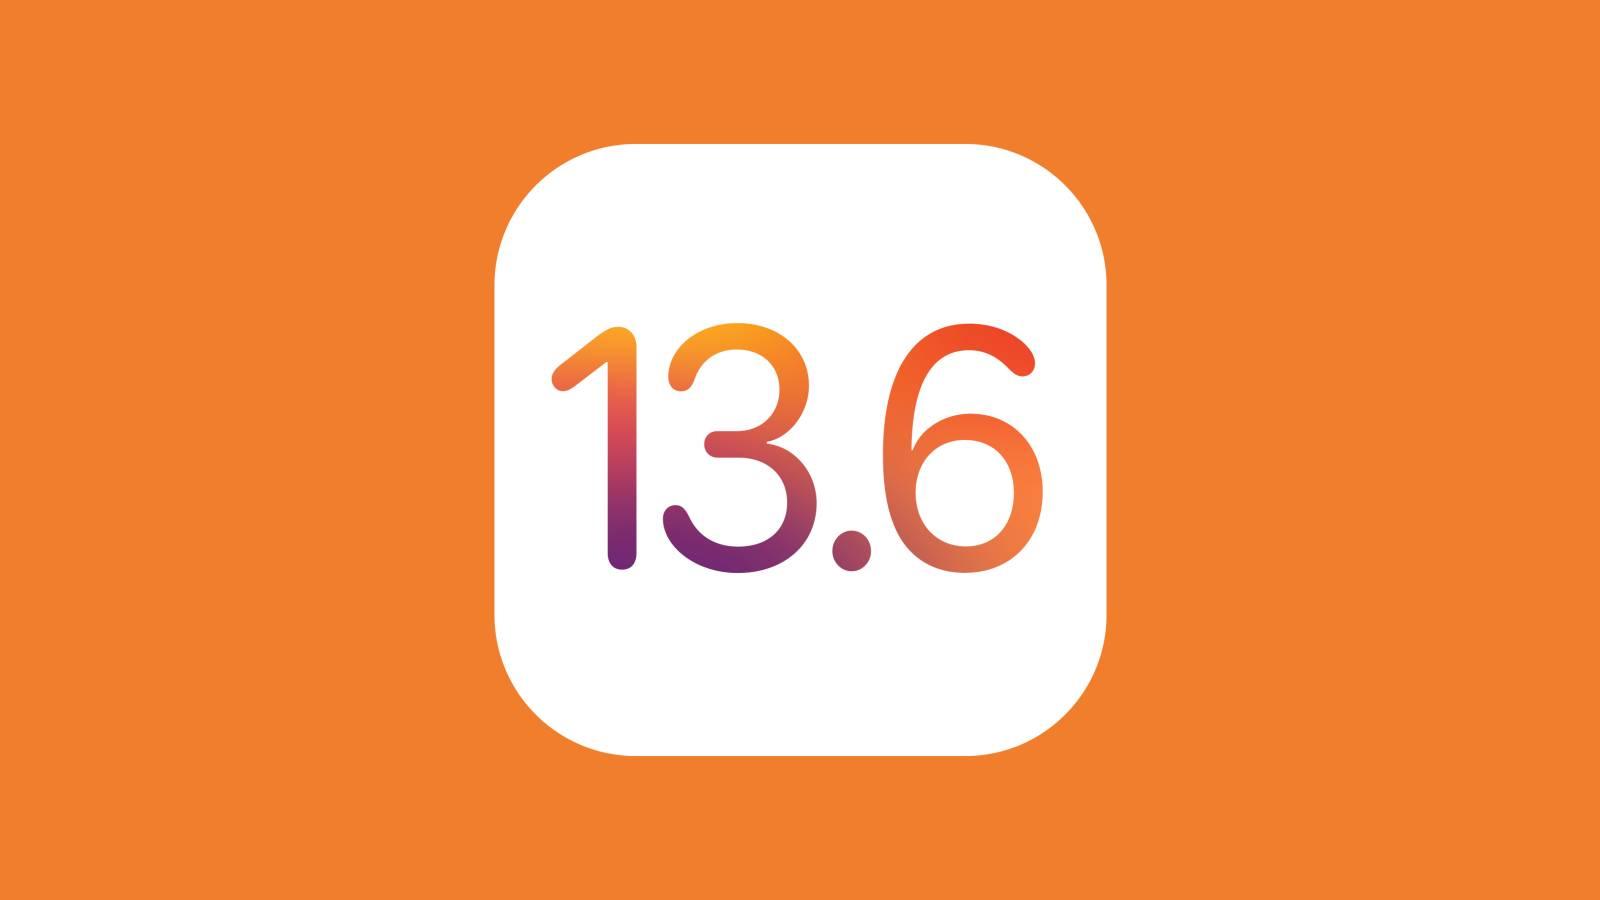 iOS 13.6 CarKey